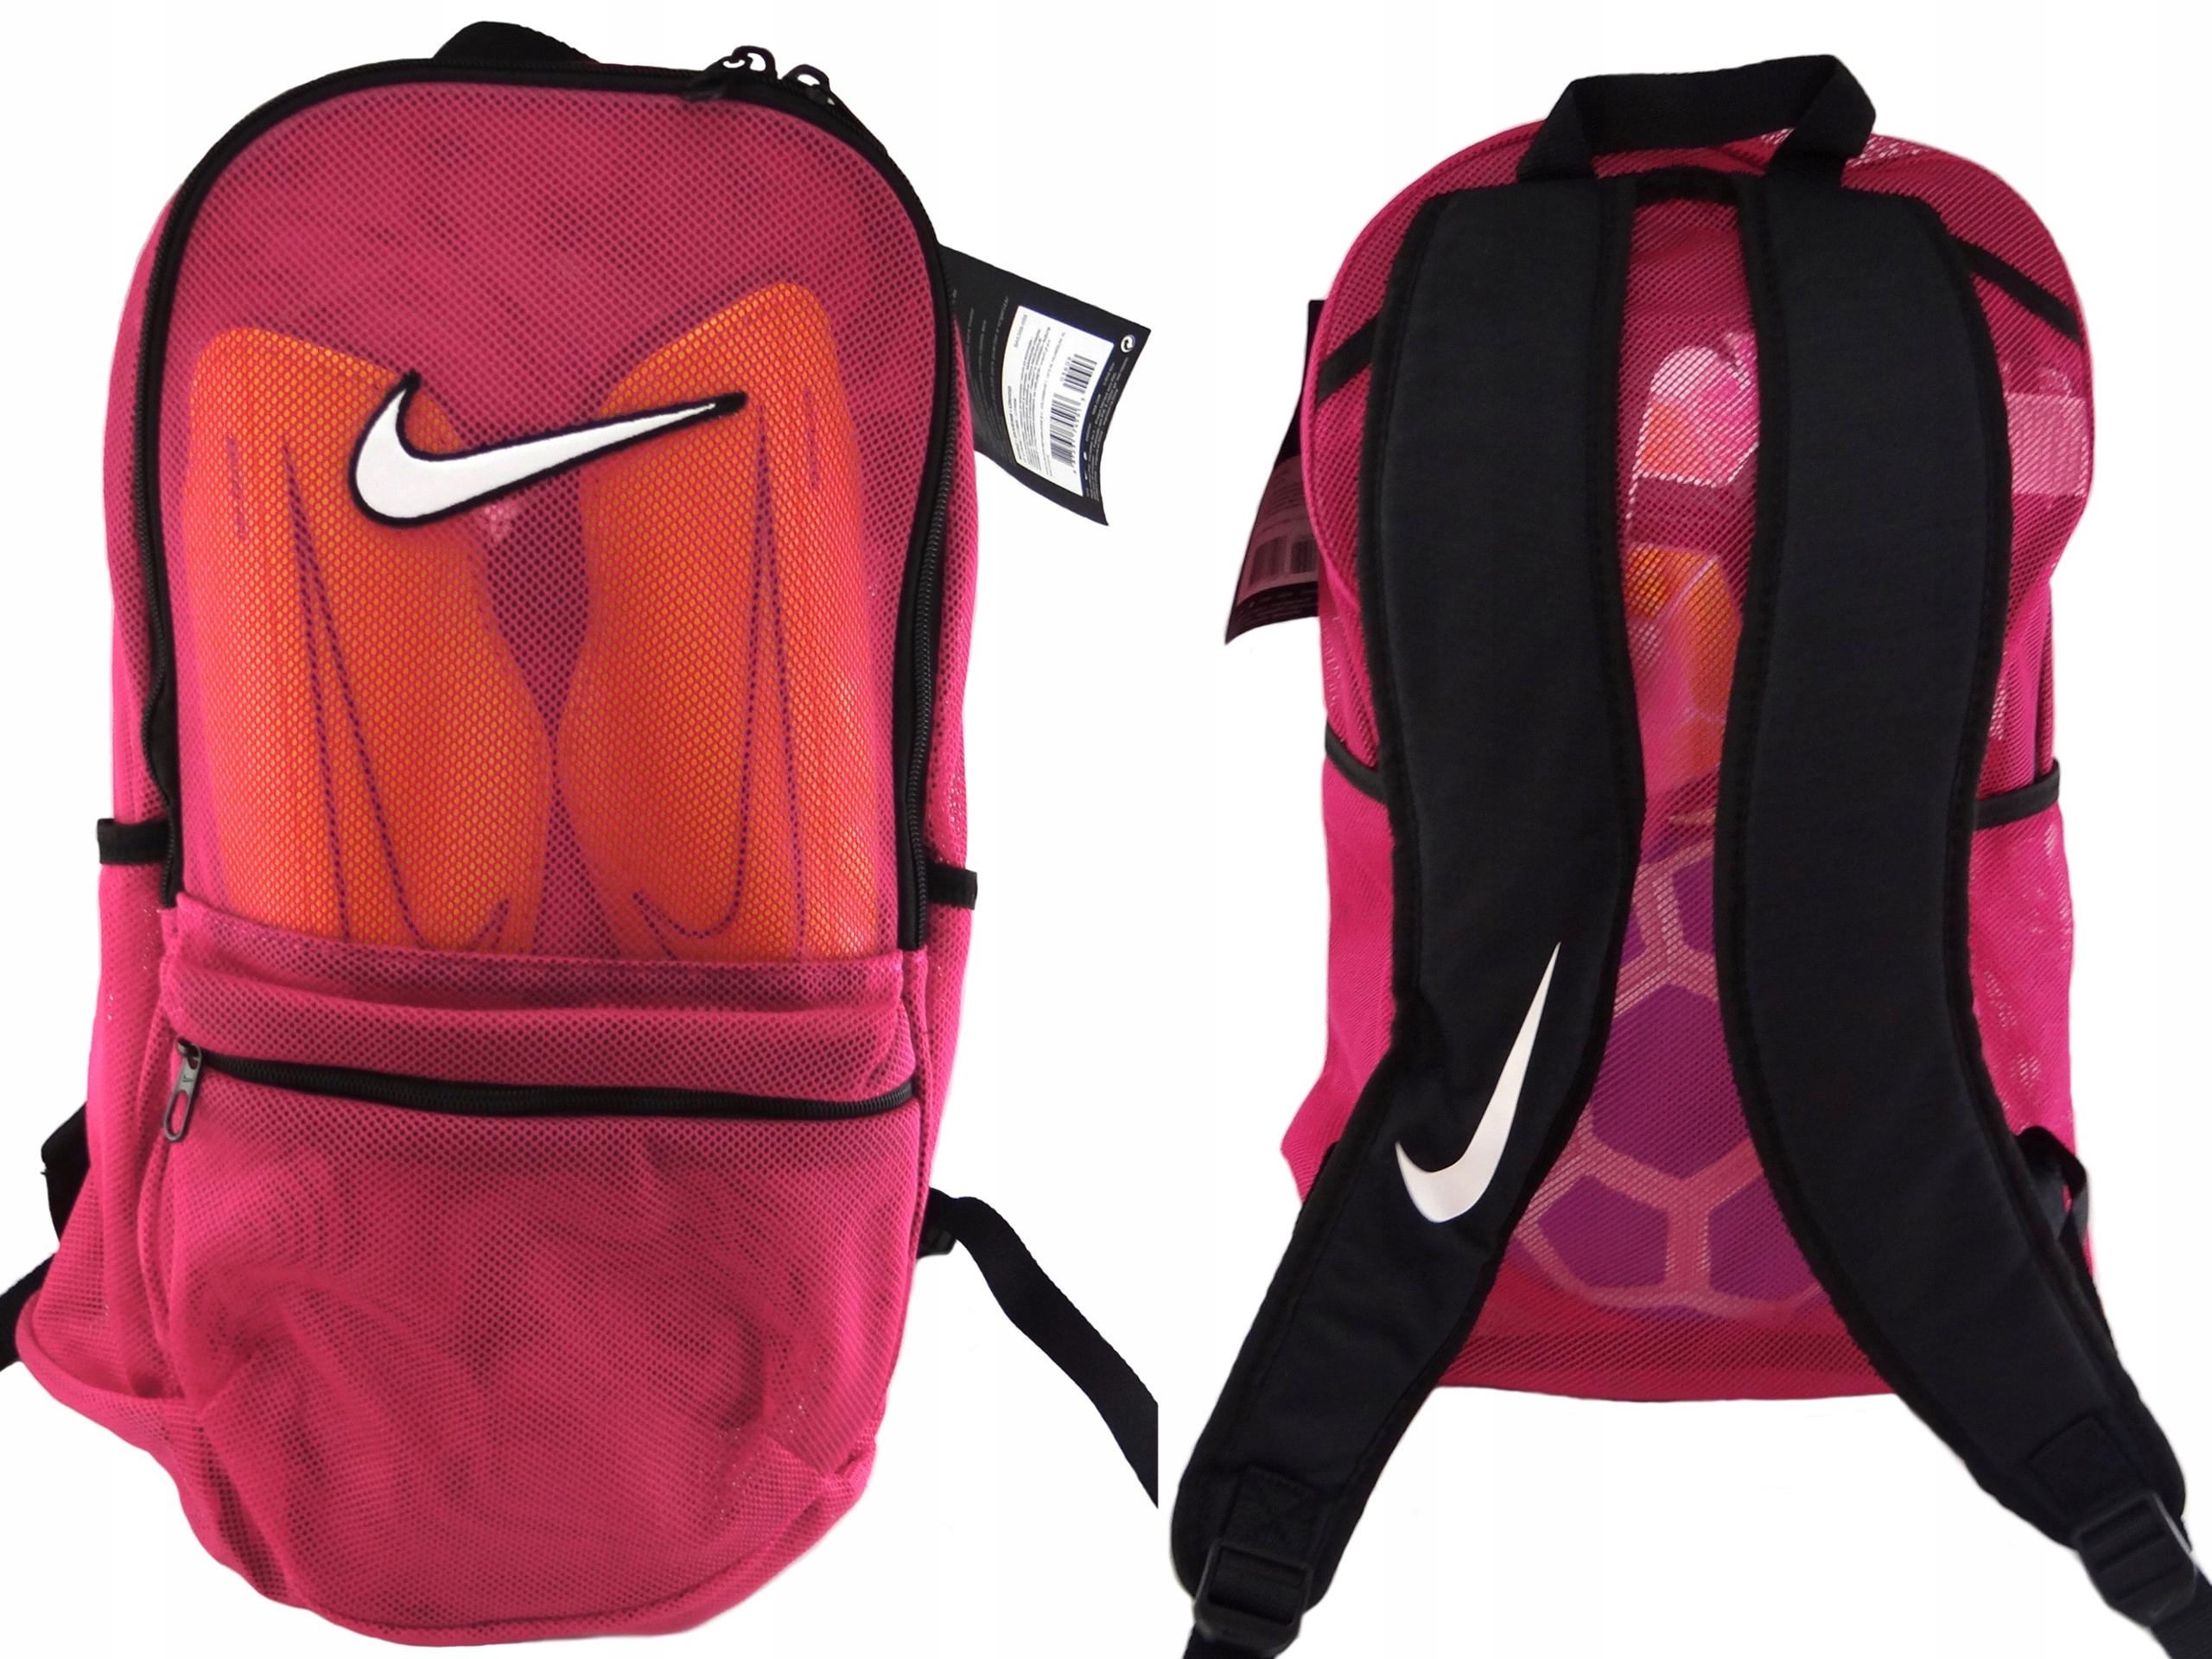 19ffc55c83926 Plecak Nike BA5388 666 Brasilia Mesh Training 7441875914 - Allegro.pl -  Więcej niż aukcje.